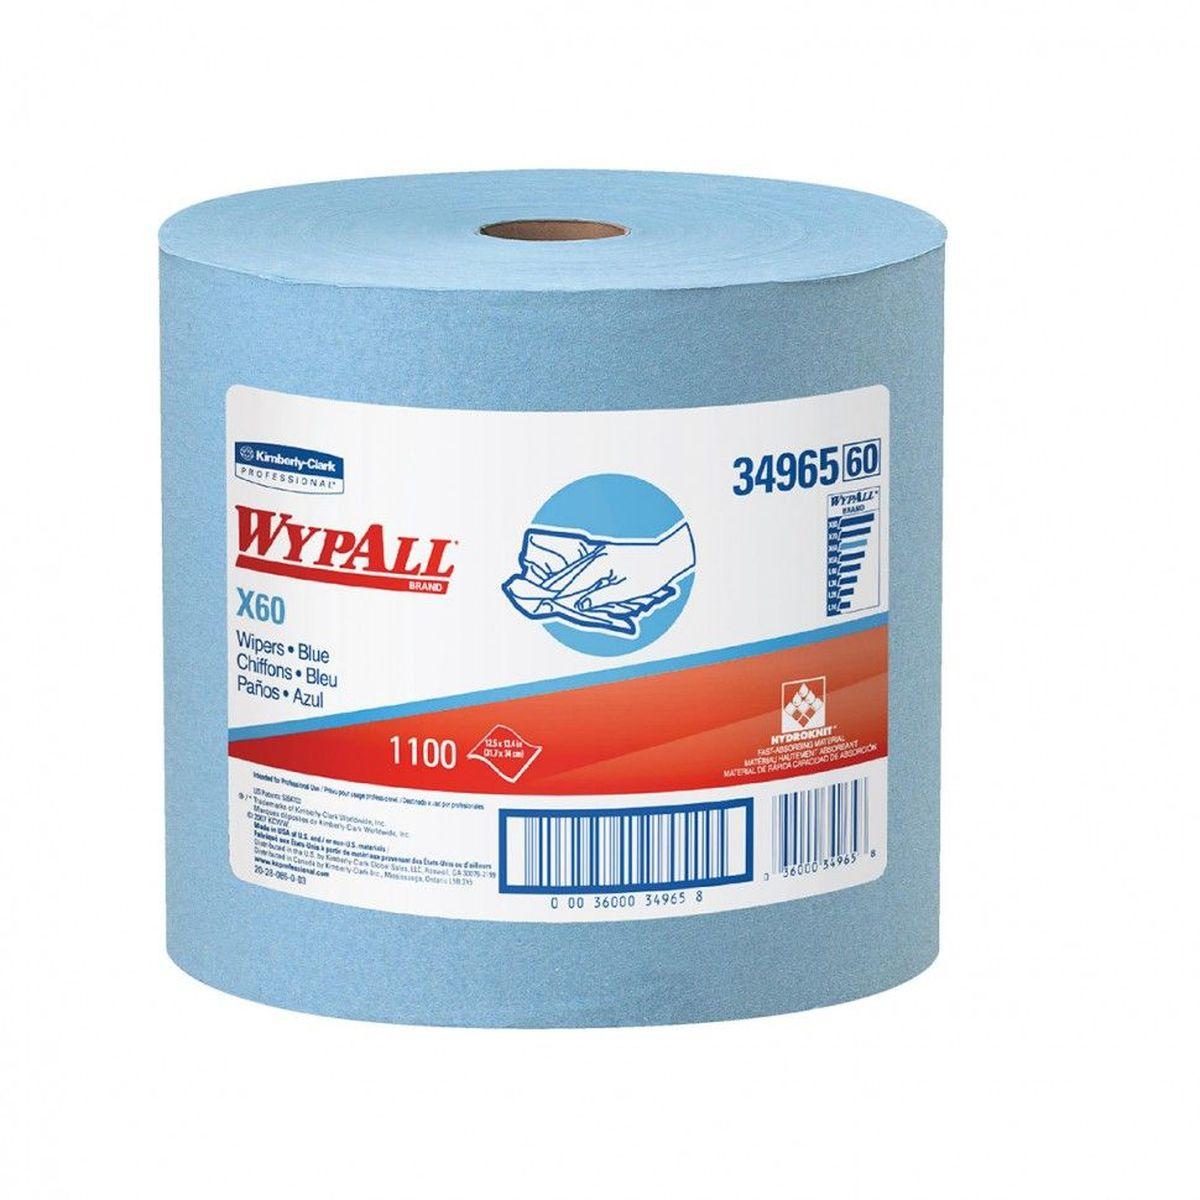 Полотенца бумажные Wypall Х60, 1100 шт34965Бумажные полотенца Wypall Х60 обладают отличной впитывающей способностью, долговечностью и прочностью, как в сухом, так и во влажном состоянии. Подходят для работы по очистке от клея, масла, мусора, стекол, а также для прецизионной очистки сложных механизмов и деталей.